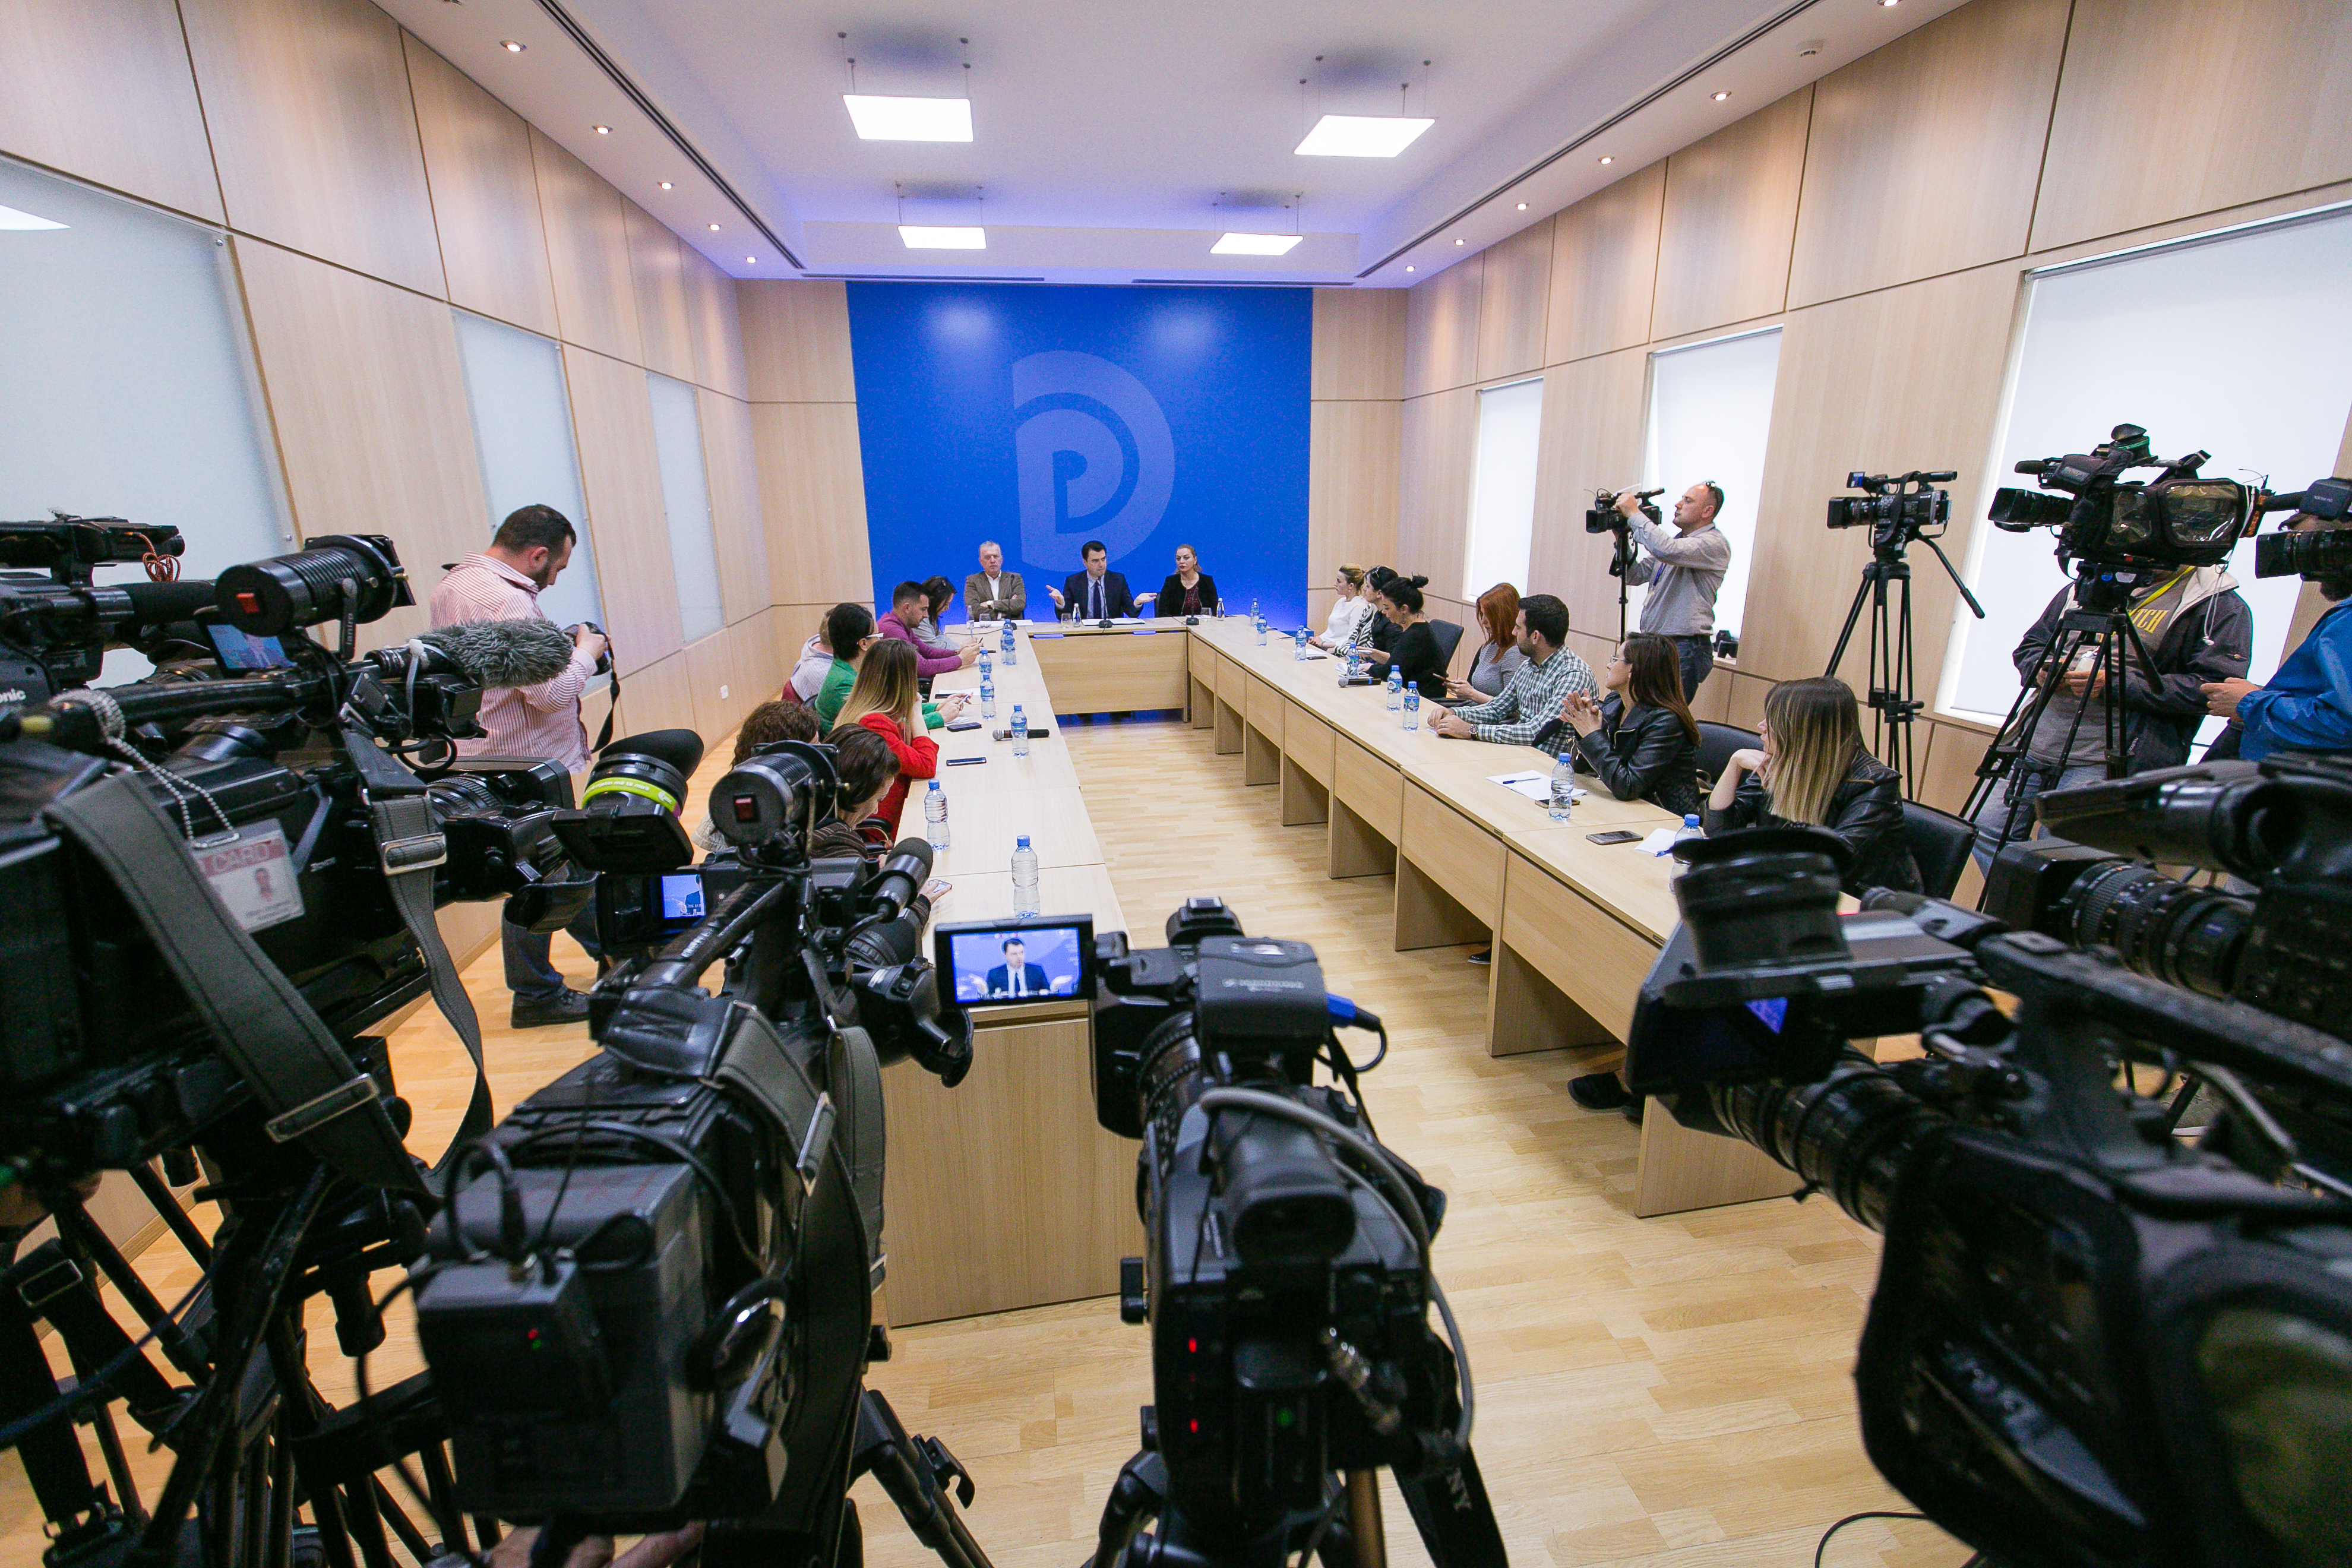 PD nuk vesh fanellën e një qeverie që ka zhytur Shqipërinë në krim